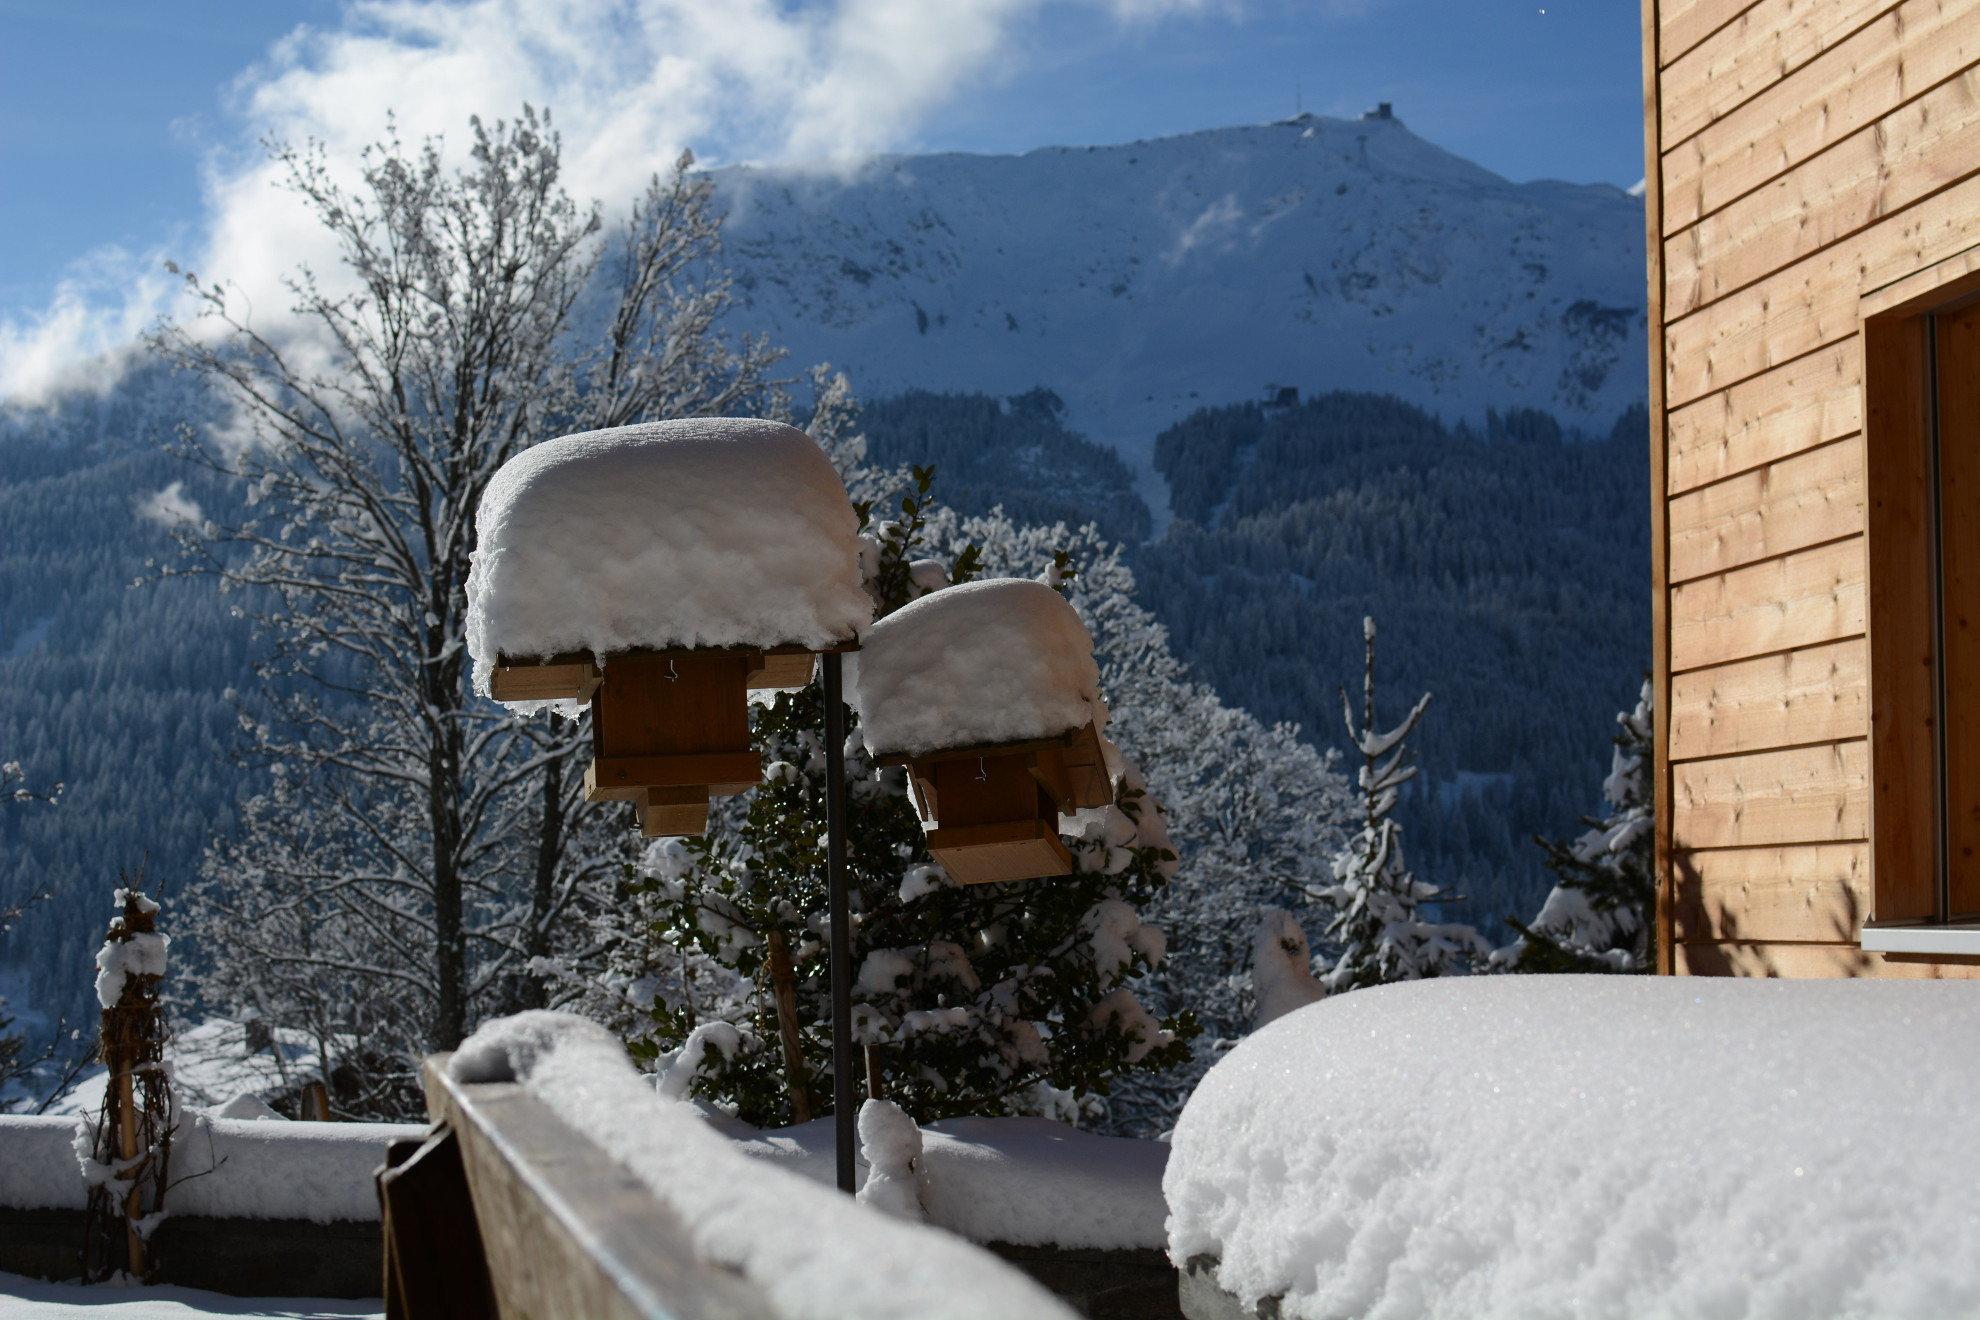 Chalet-Fuechsli-Klosters-Winter-9.JPG